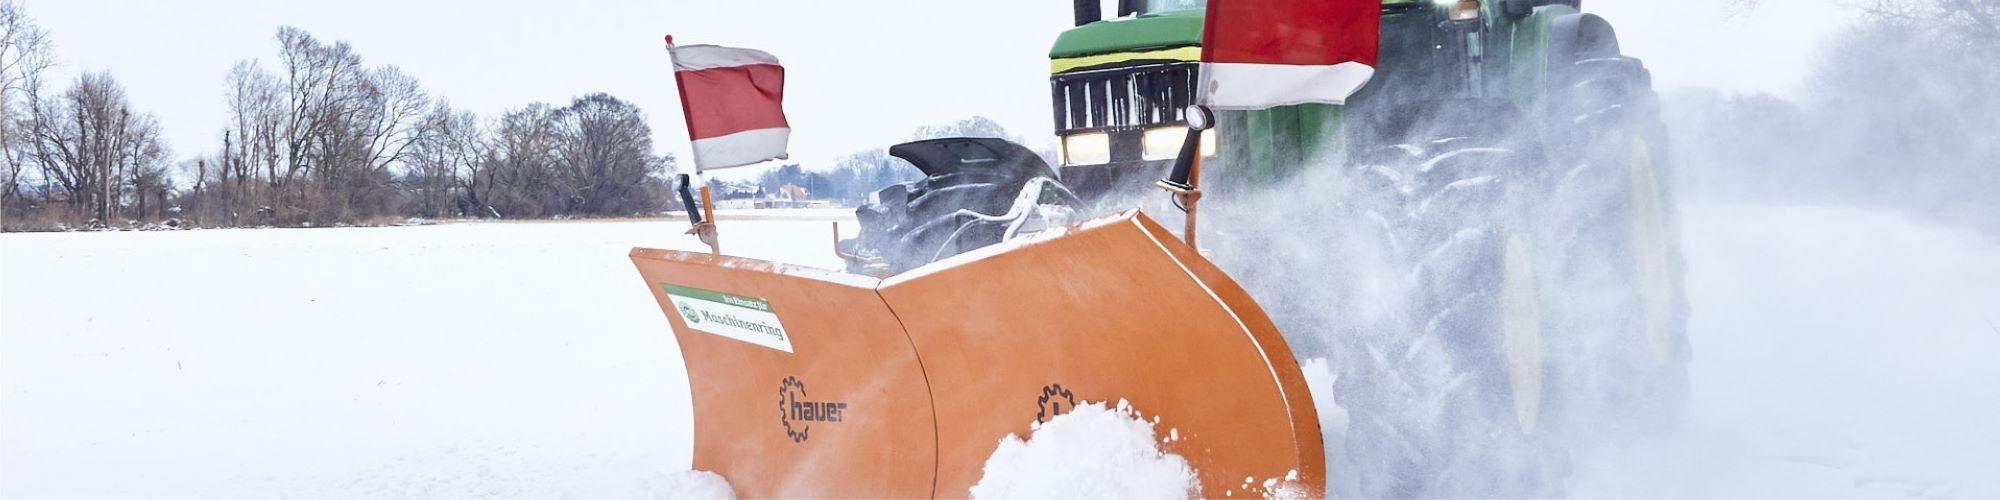 Maschinenring Winterdienst: Traktor beim Schneeräumen